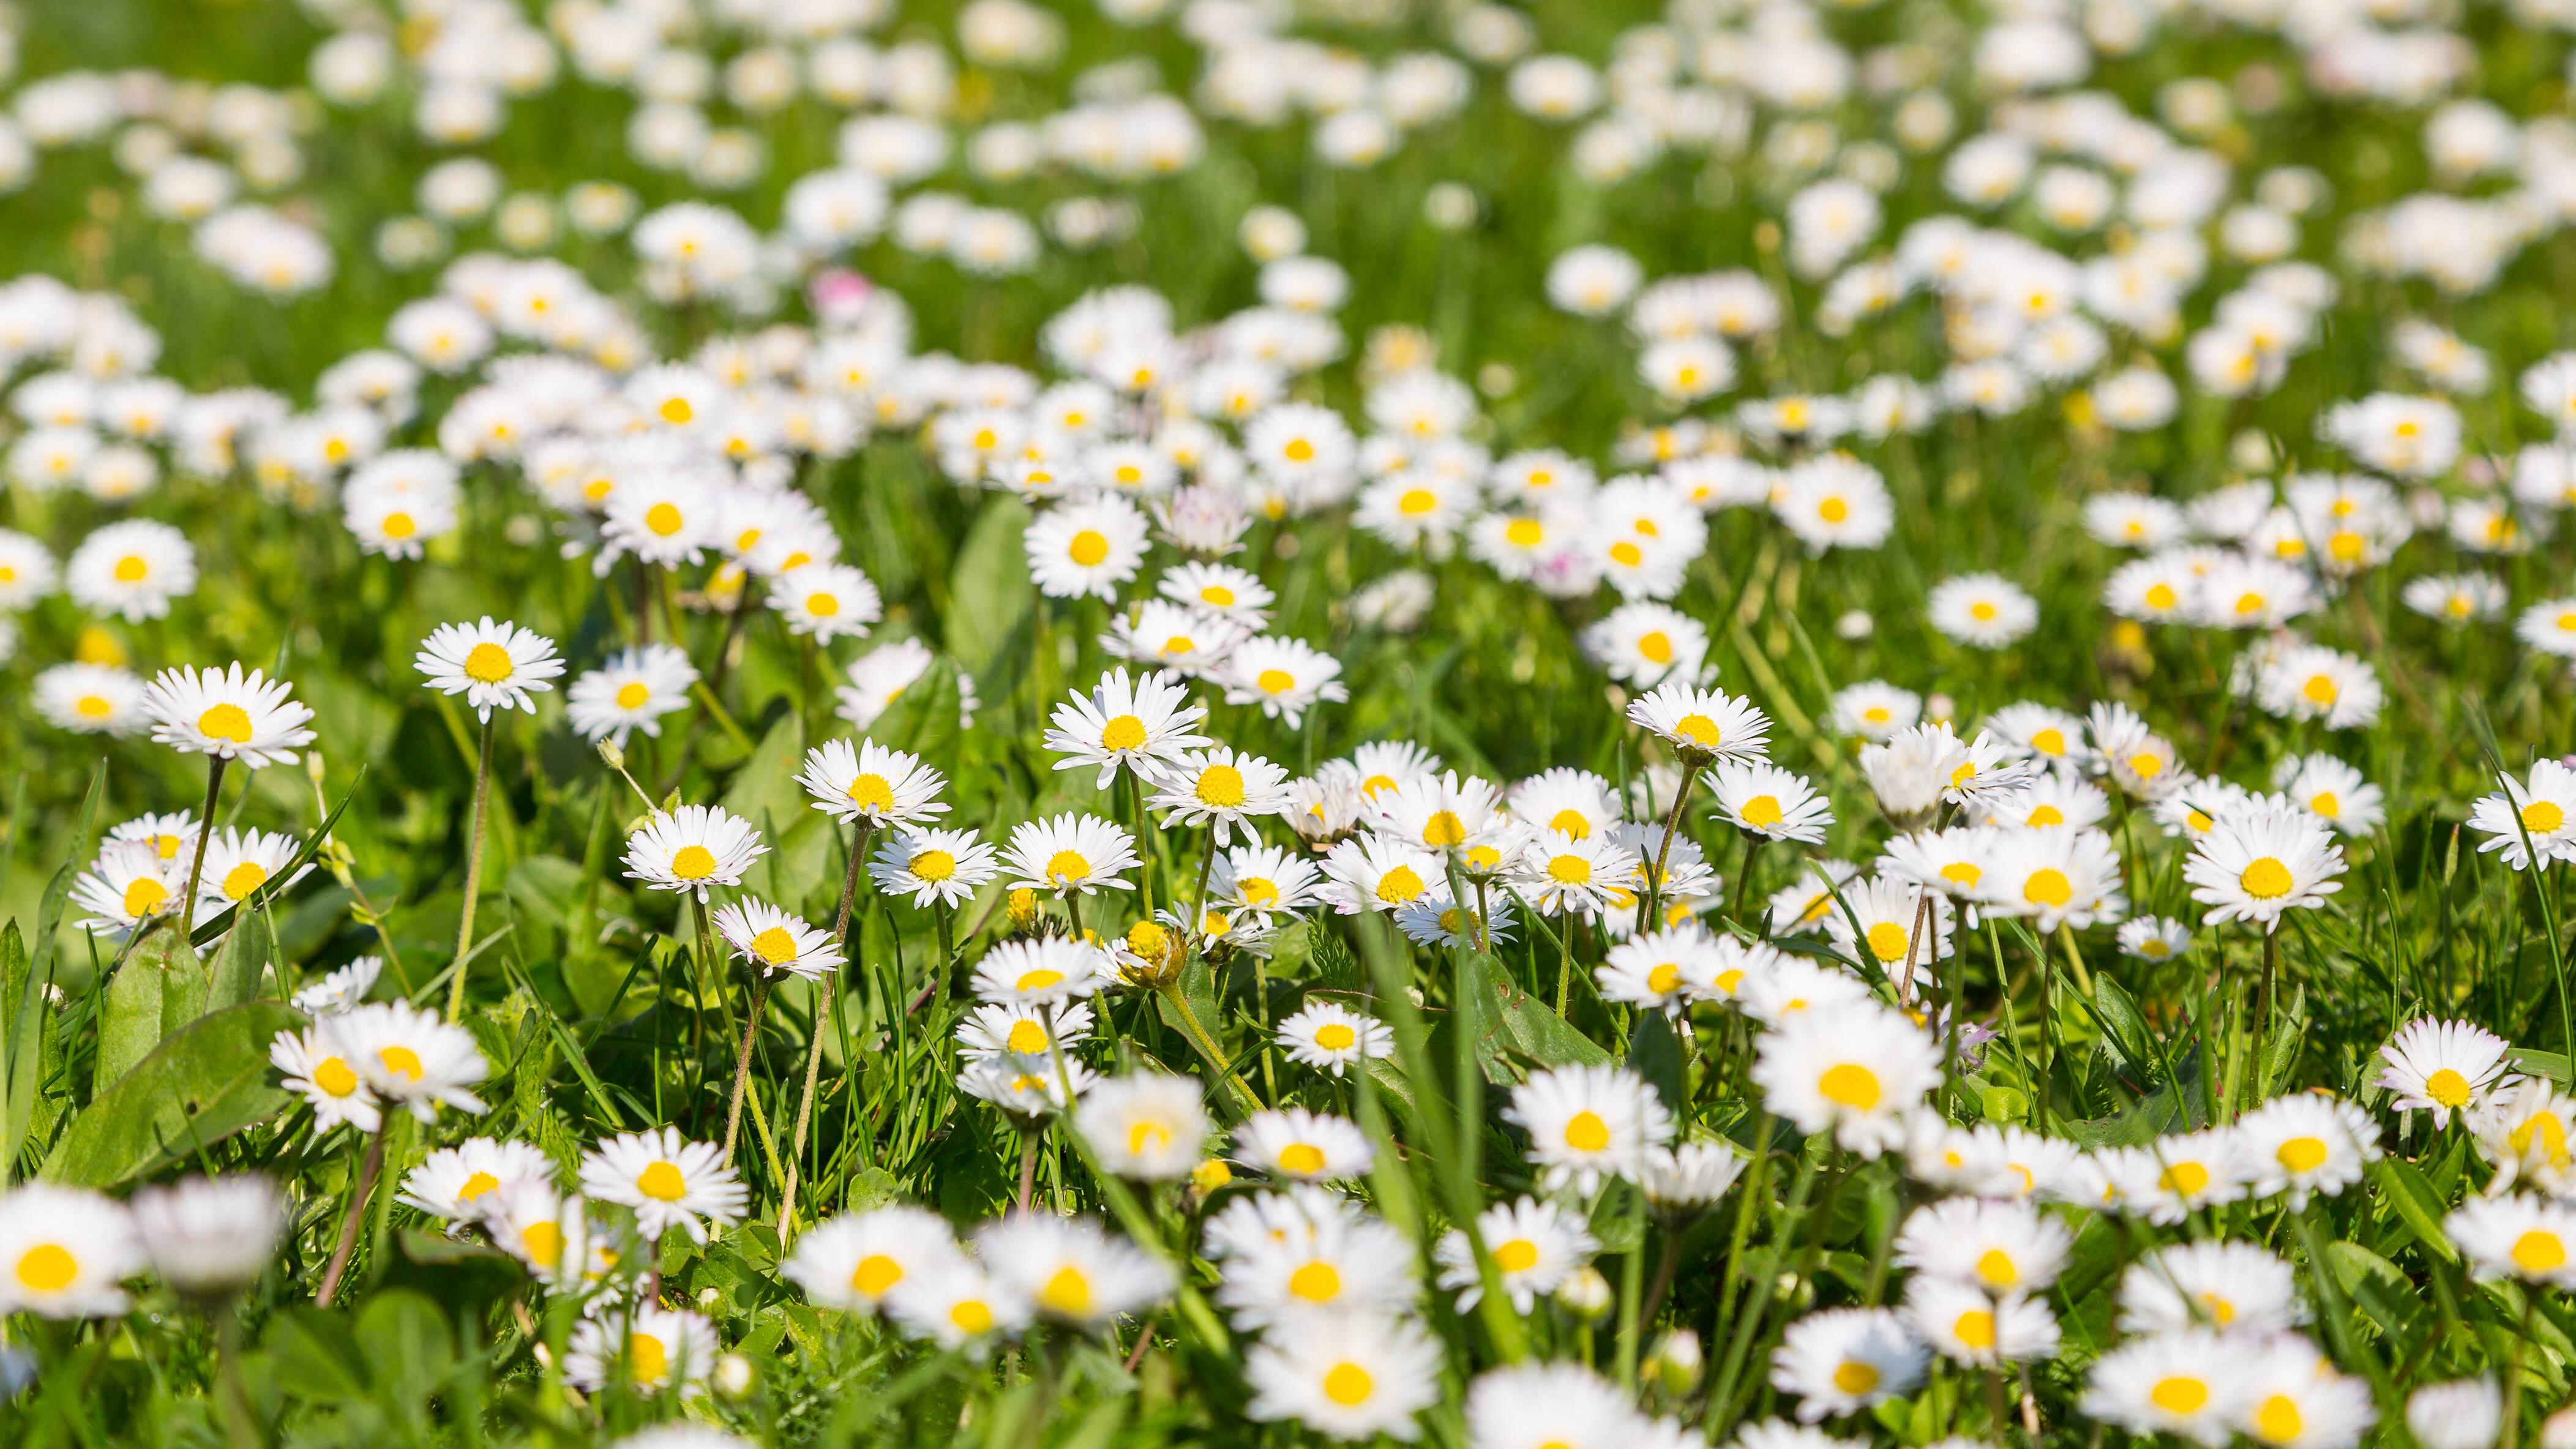 Gänseblümchen: Wirkung und Anwendung als Heilpflanze